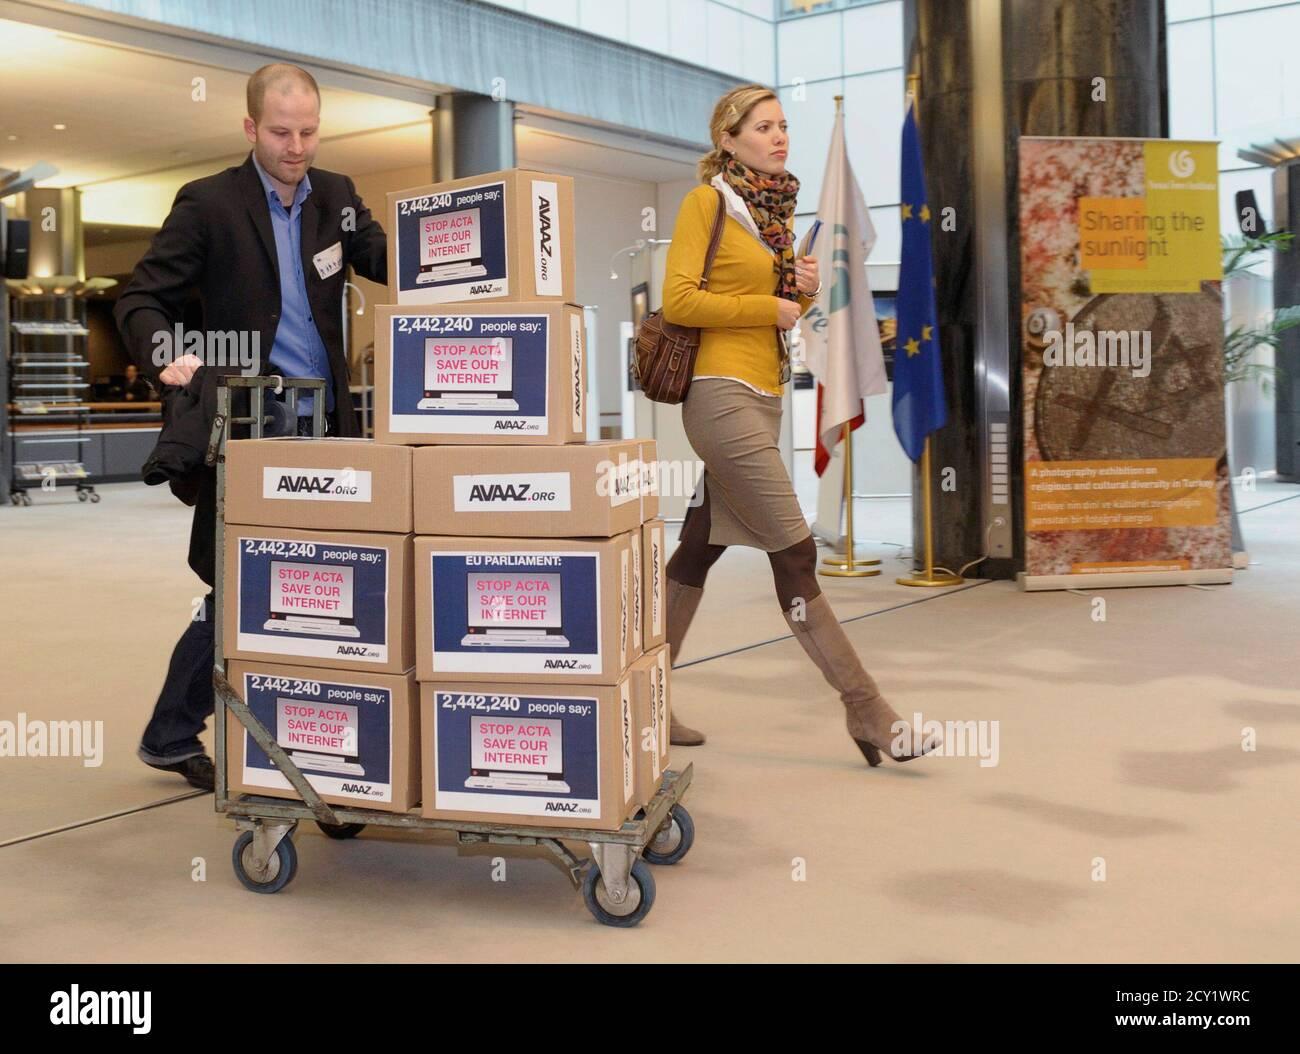 Miembros del grupo de Avaaz.org activistas traen cajas que simbolizan 2,442,240 firmas de una petición contra el ACTA (Acuerdo Comercial Antifalsificación) al Parlamento Europeo en Bruselas el 28 de febrero de 2012. Avaaz.org el temor de que el ACTA, que pretende reducir el robo de marcas comerciales y otras actividades de piratería en línea, reducirá la libertad de expresión, frenará su libertad de descargar películas y música de forma gratuita y fomentará la vigilancia en Internet. REUTERS/Eric Vidal (BÉLGICA - Tags: SOCIEDAD POLÍTICA) Foto de stock